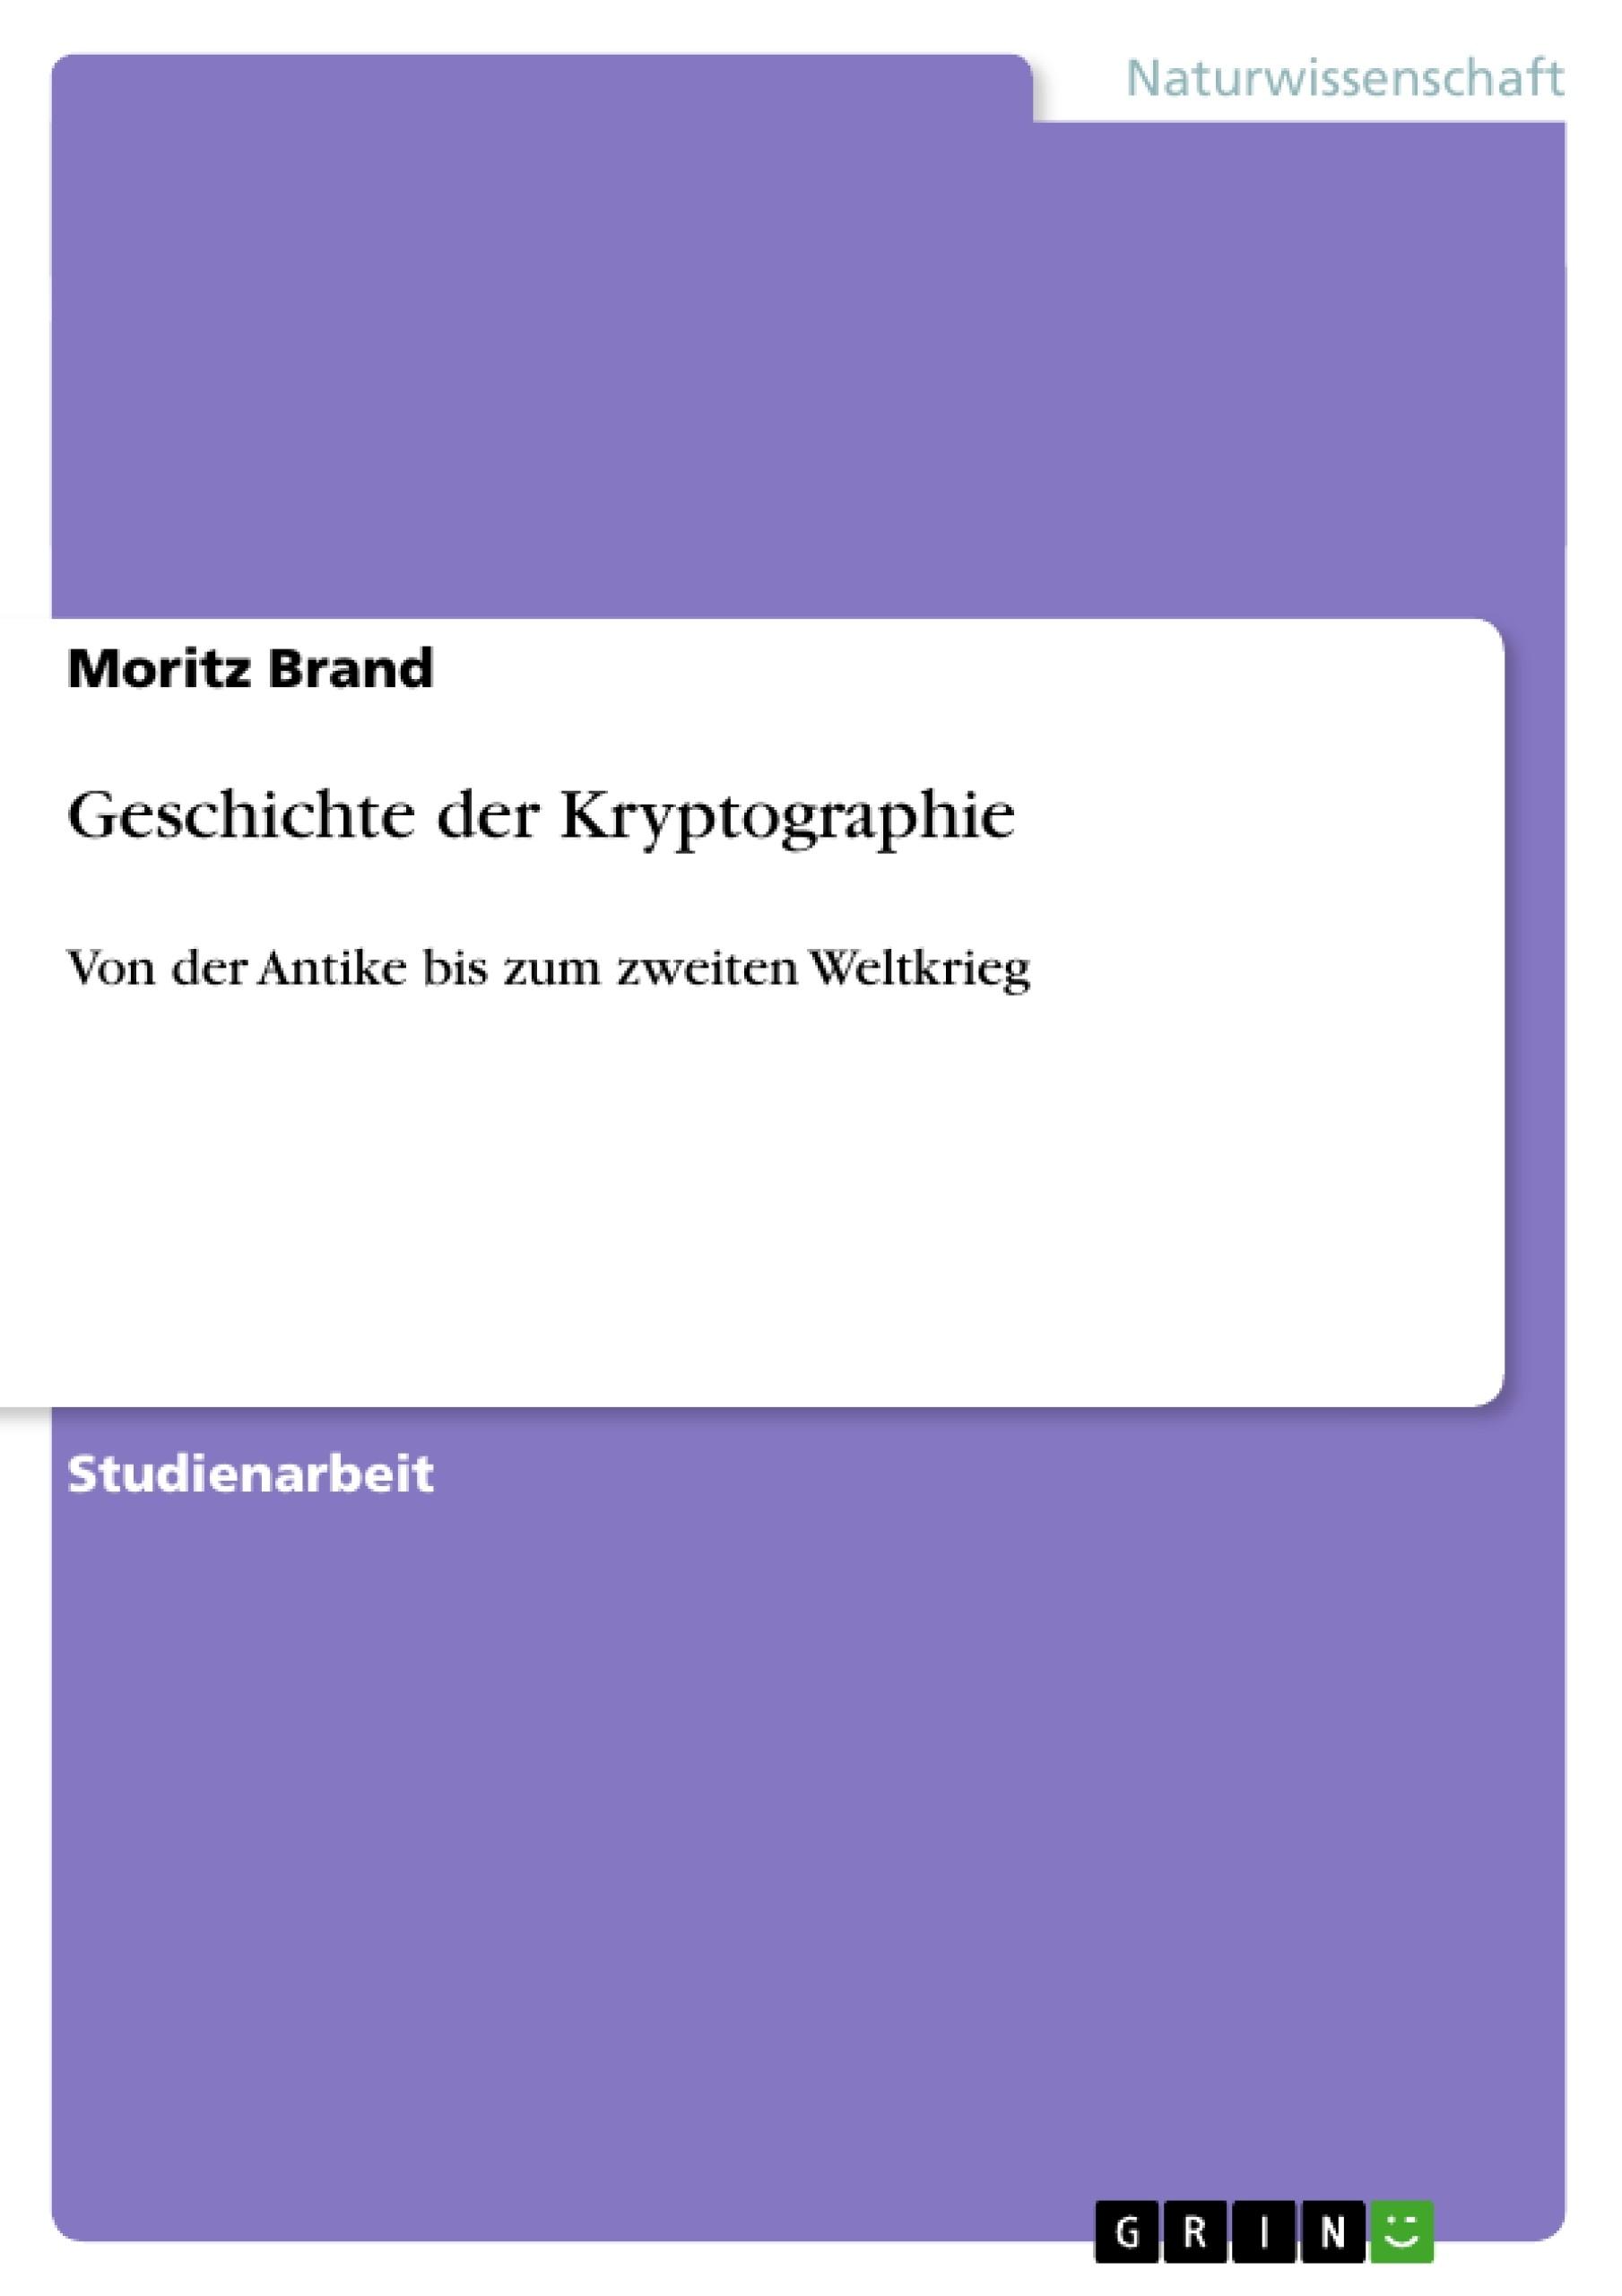 Titel: Geschichte der Kryptographie